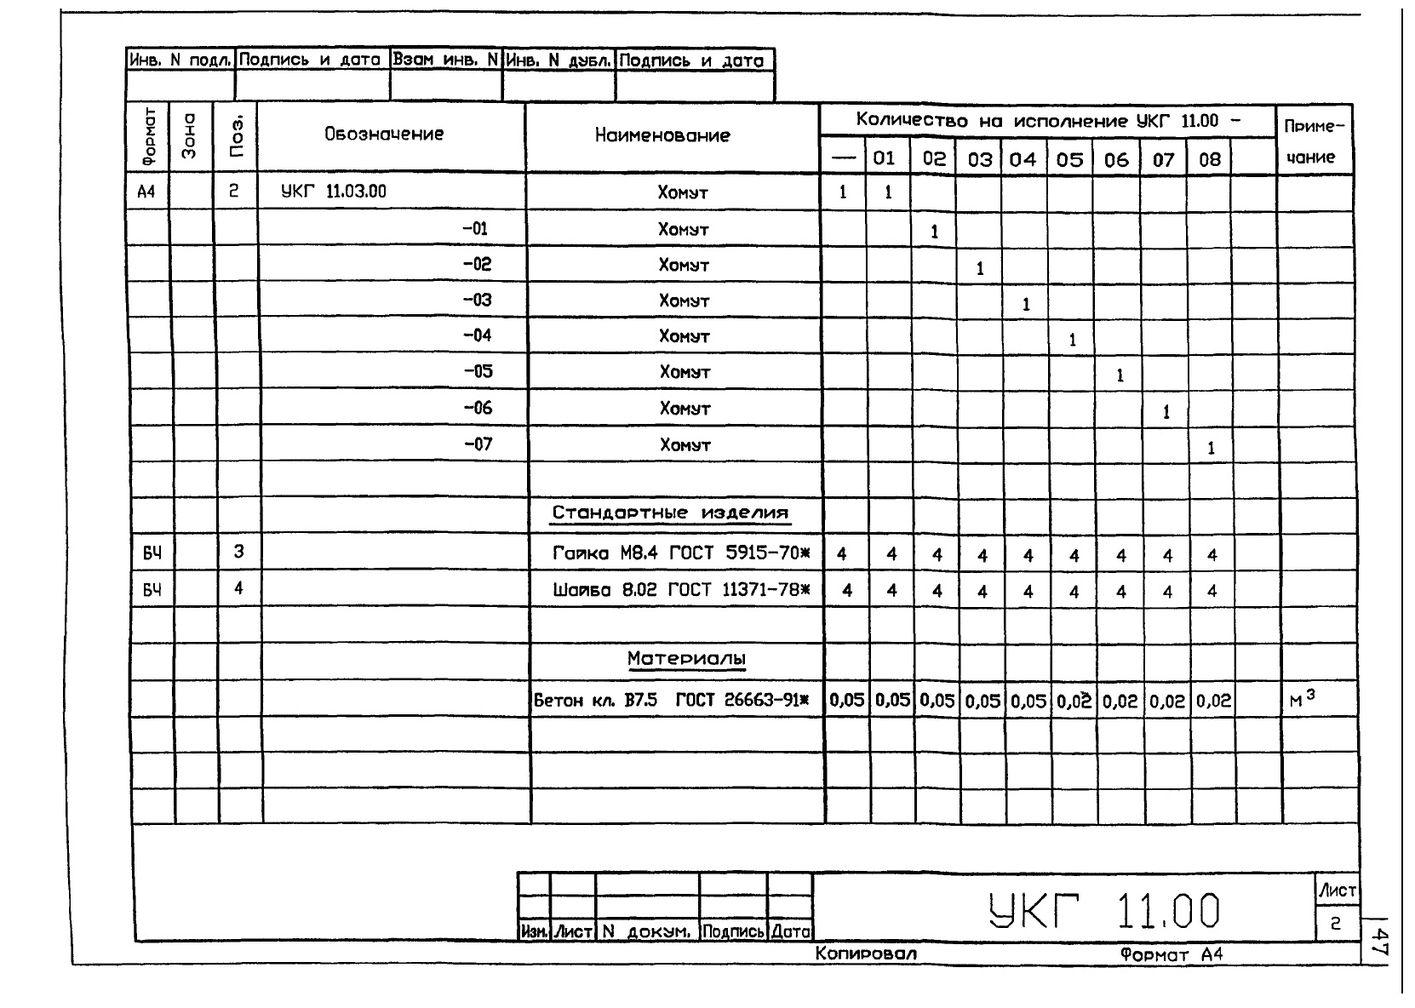 Крепление газопровода на опоре из труб УКГ 11.00 СБ серия 5.905-18.05 выпуск 1 стр.4